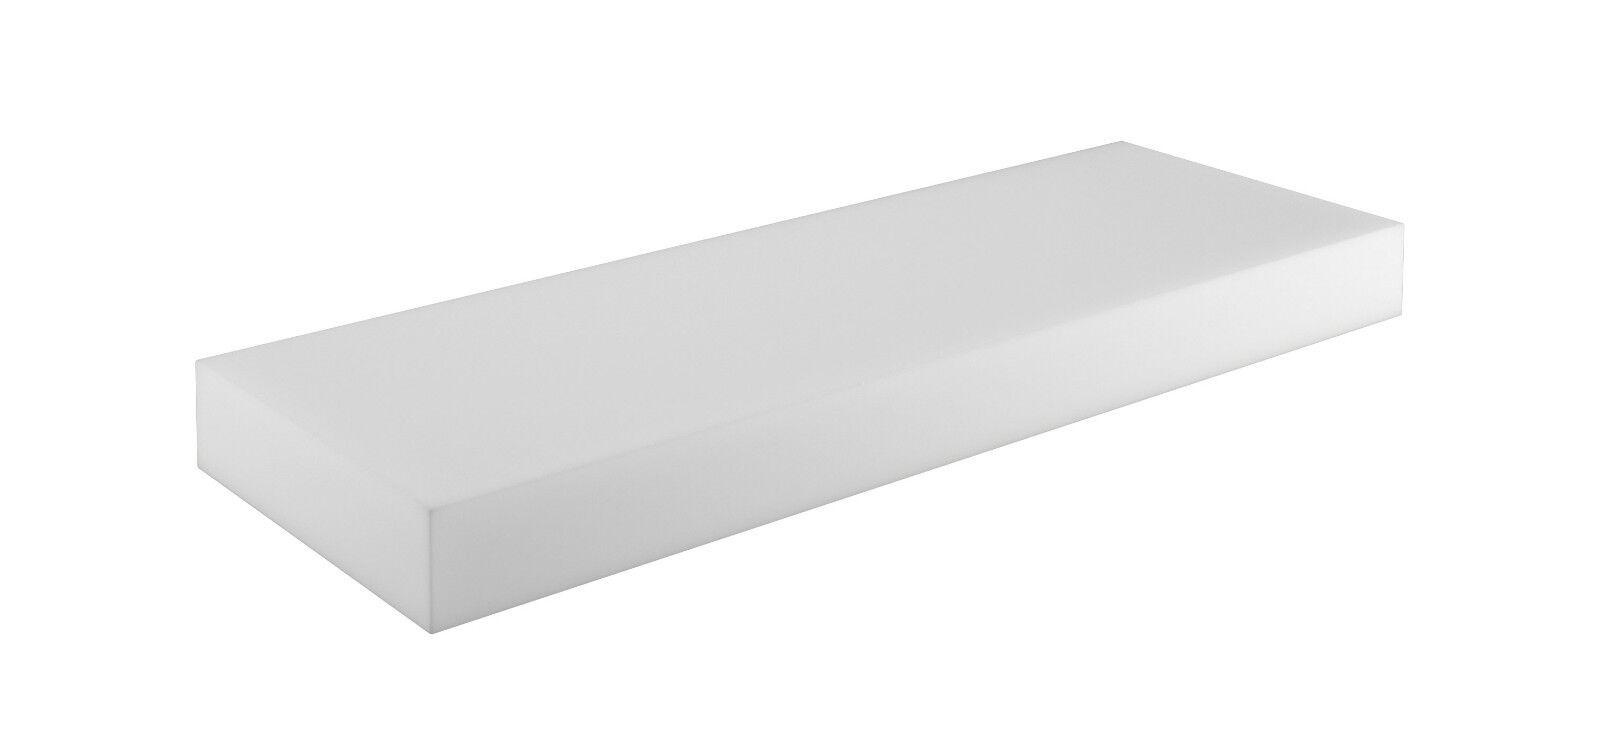 Schaumstoffplatte für Europalette Polsterauflage Matratze Zuschnitt 120x80cm Sitzkissen 120x40x5cm